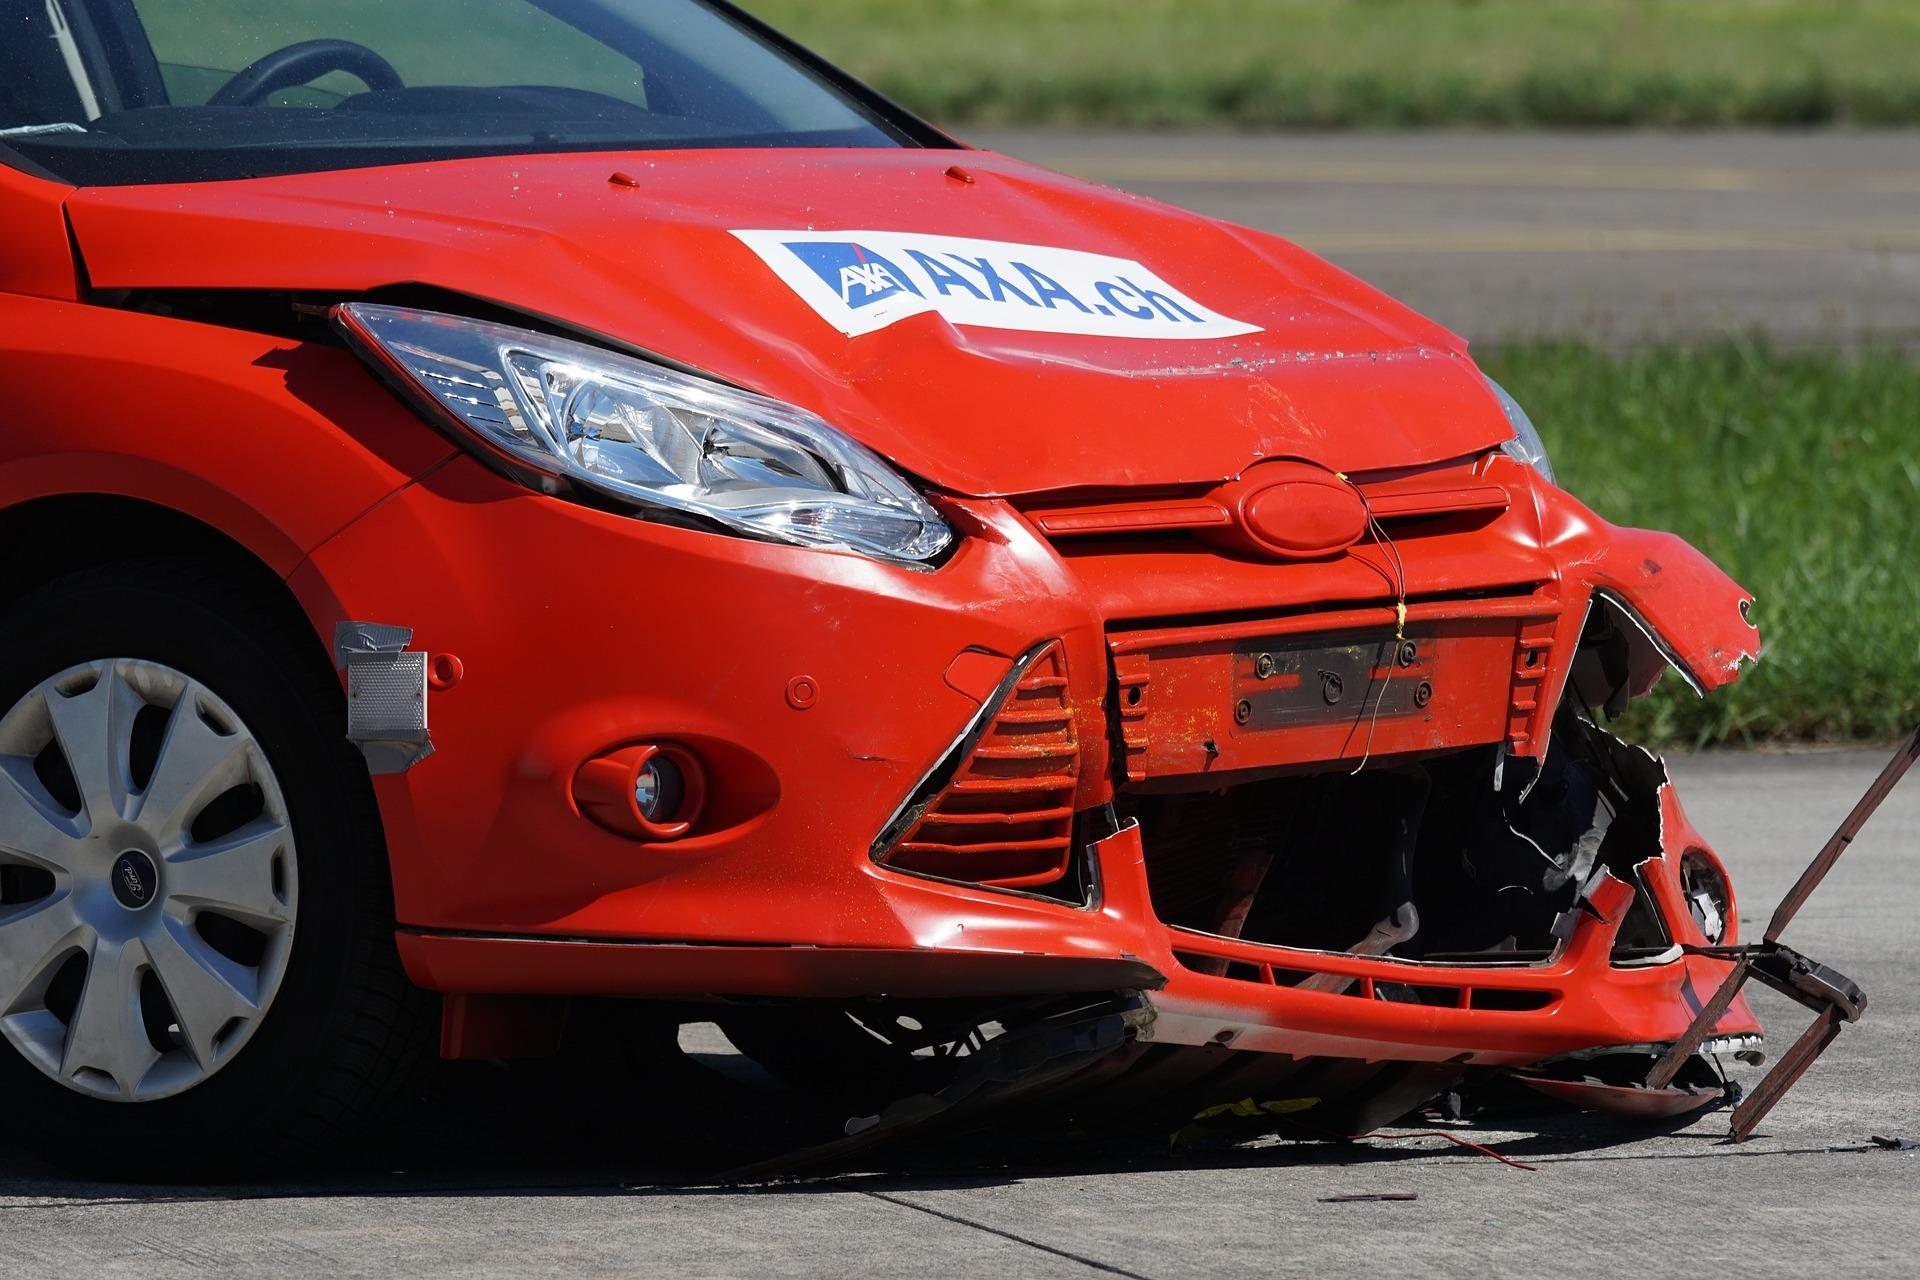 crash-test-1620604_1920